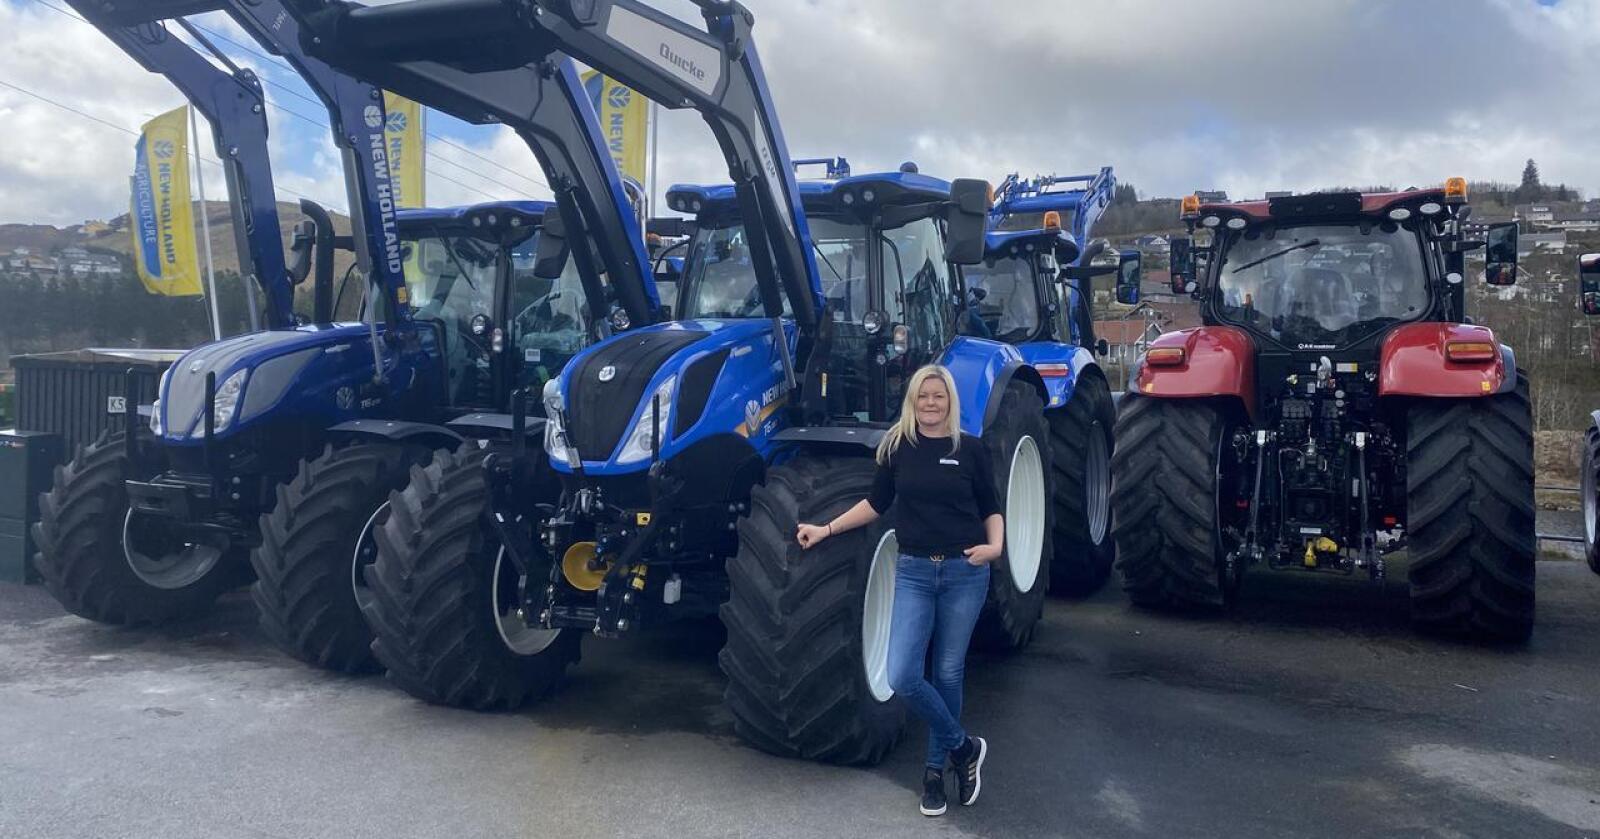 Anniken Øgreid driver Ålgård Landbrukssenter sammen med mannen John Inge Øgreid. De er i ferd med å bygge nye lokaler på Ree, utenfor Bryne og er nå utnevnt som direkteforhandler for New Holland og Case IH.